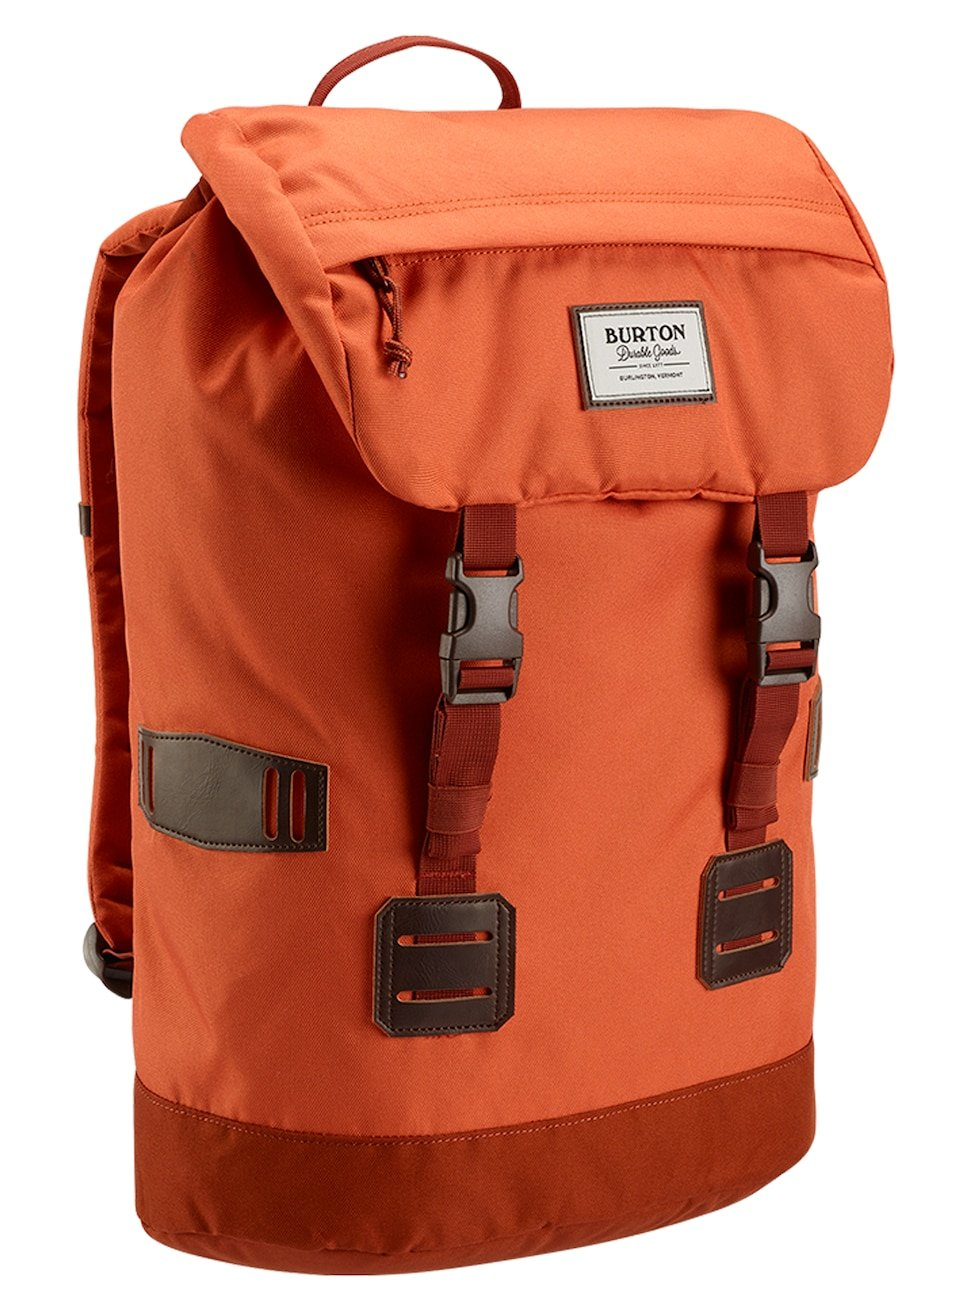 cdf2998979e25 Burton Tinder Daypack  Amazon.de  Sport   Freizeit